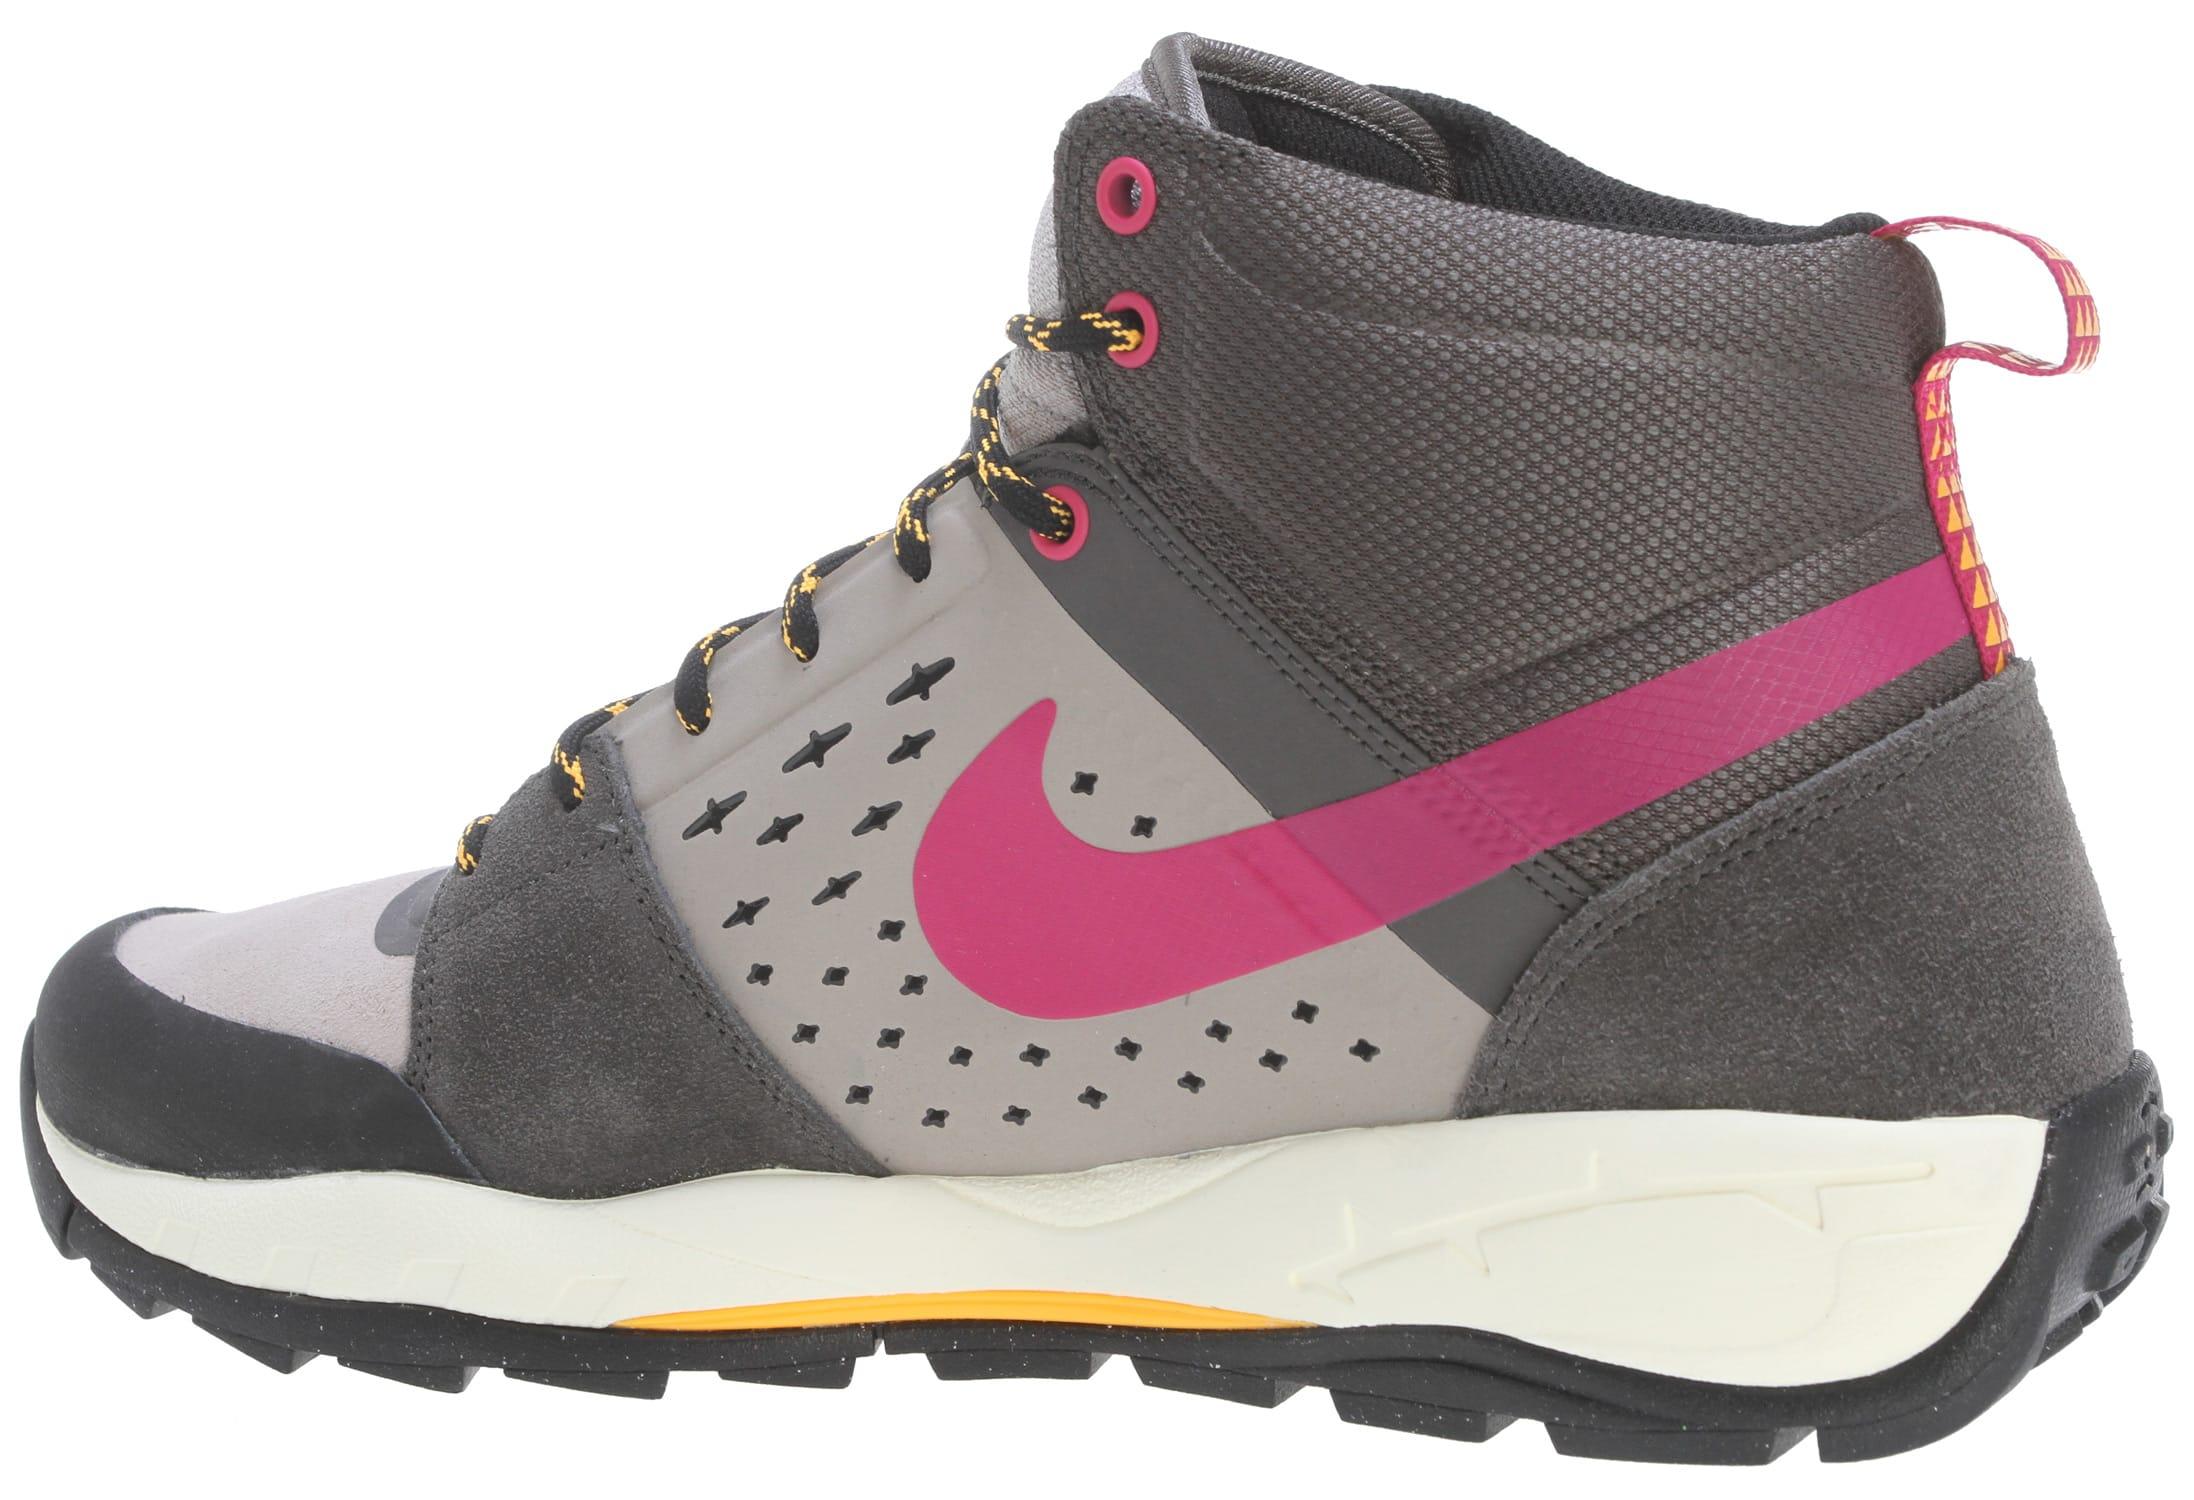 a22b67080ab5 Nike Air Alder Mid Shoes - thumbnail 3